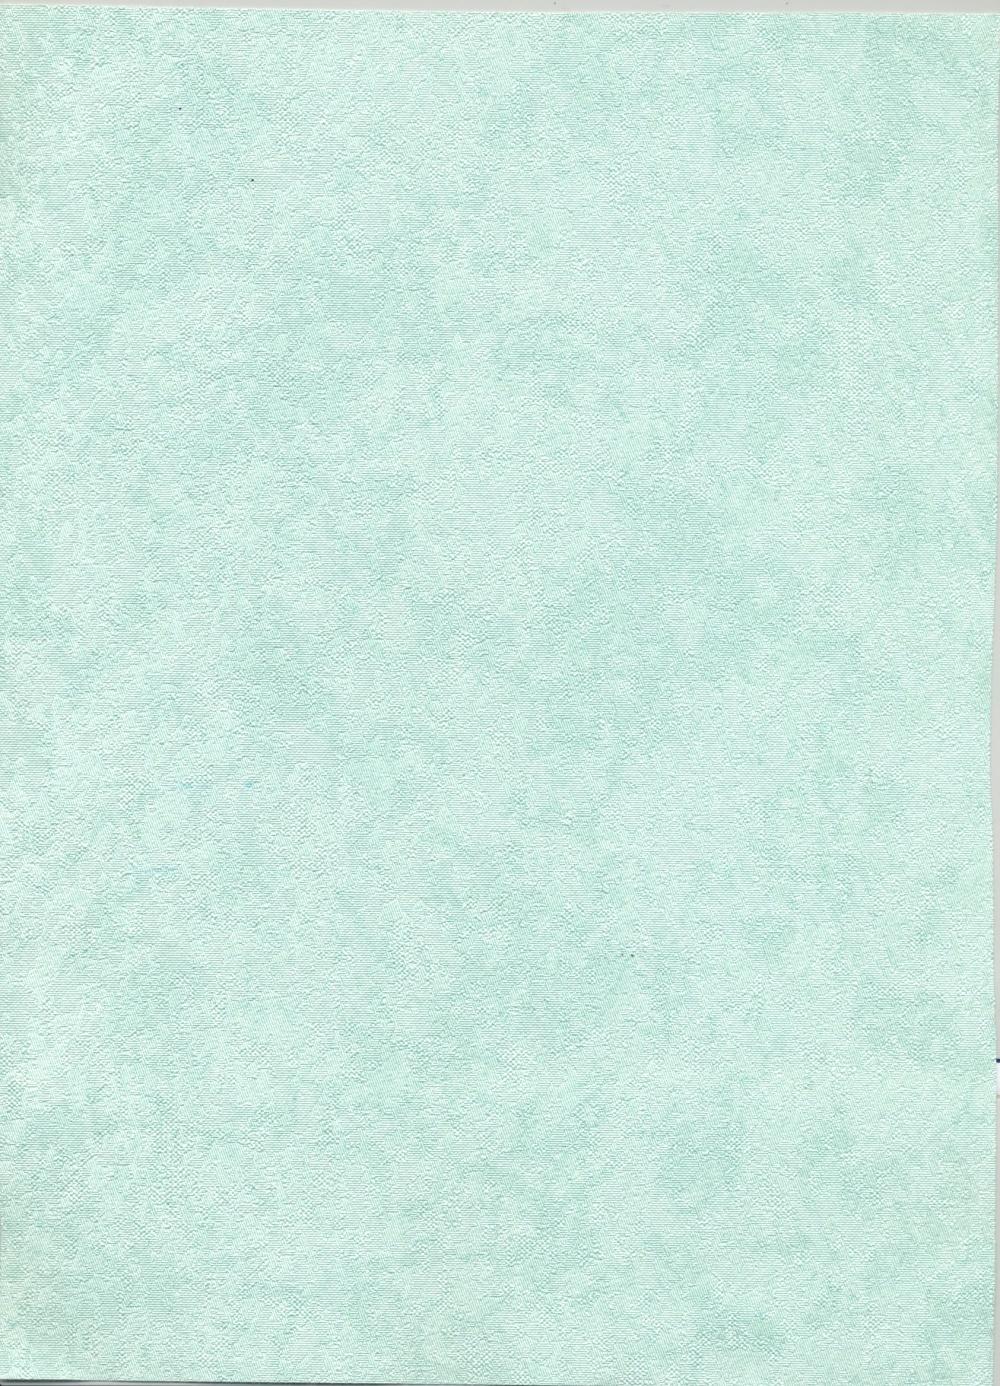 Солярис фон арт. 1090-04